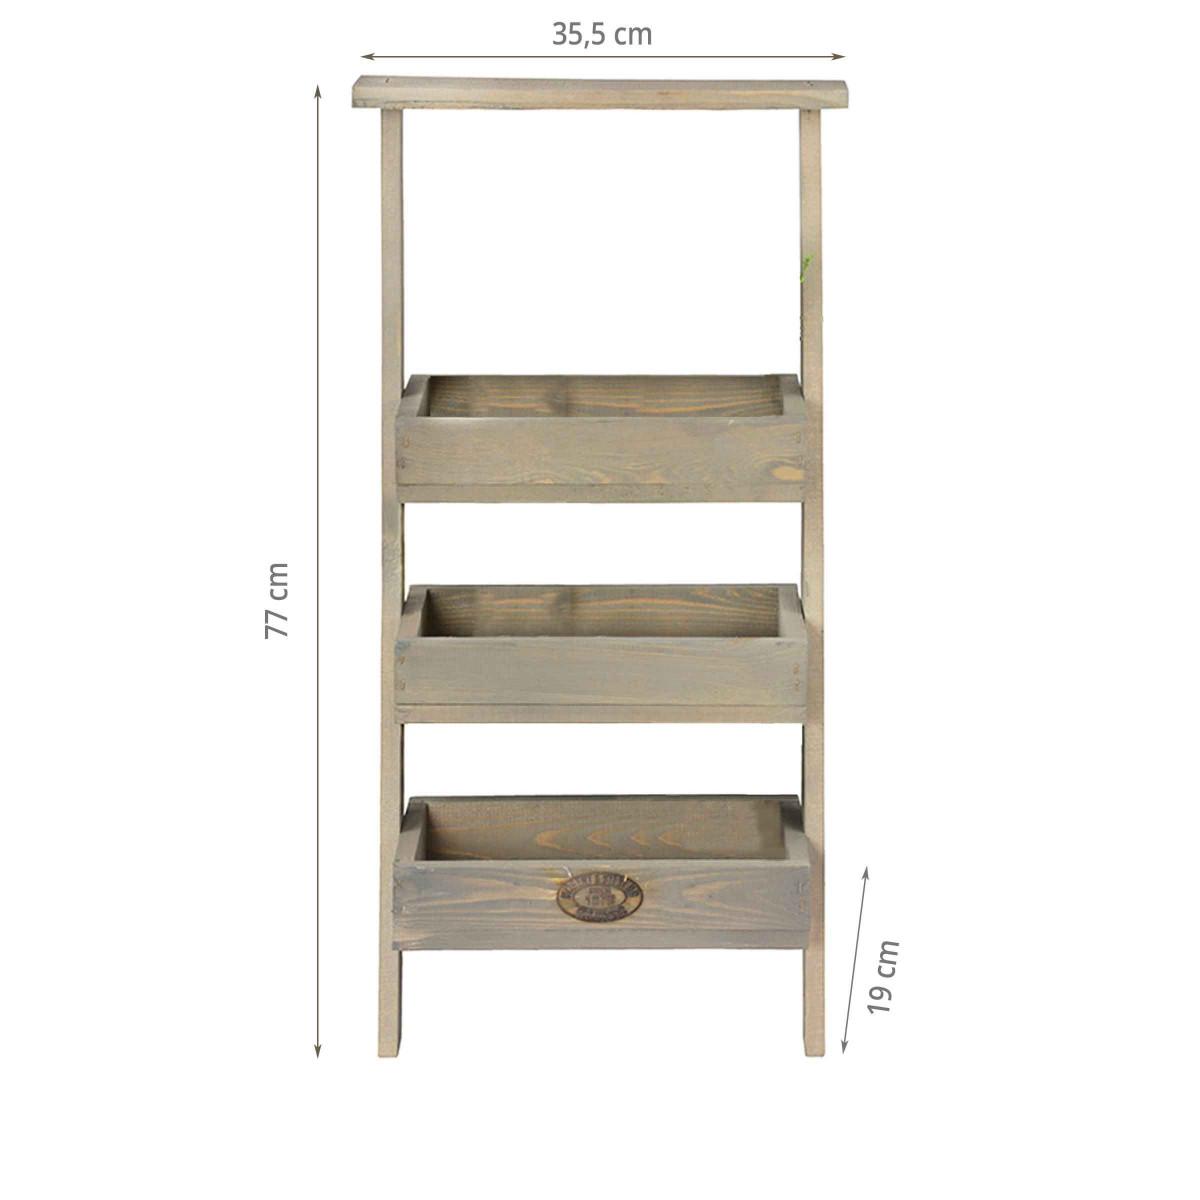 etag re plantes chelle bois. Black Bedroom Furniture Sets. Home Design Ideas